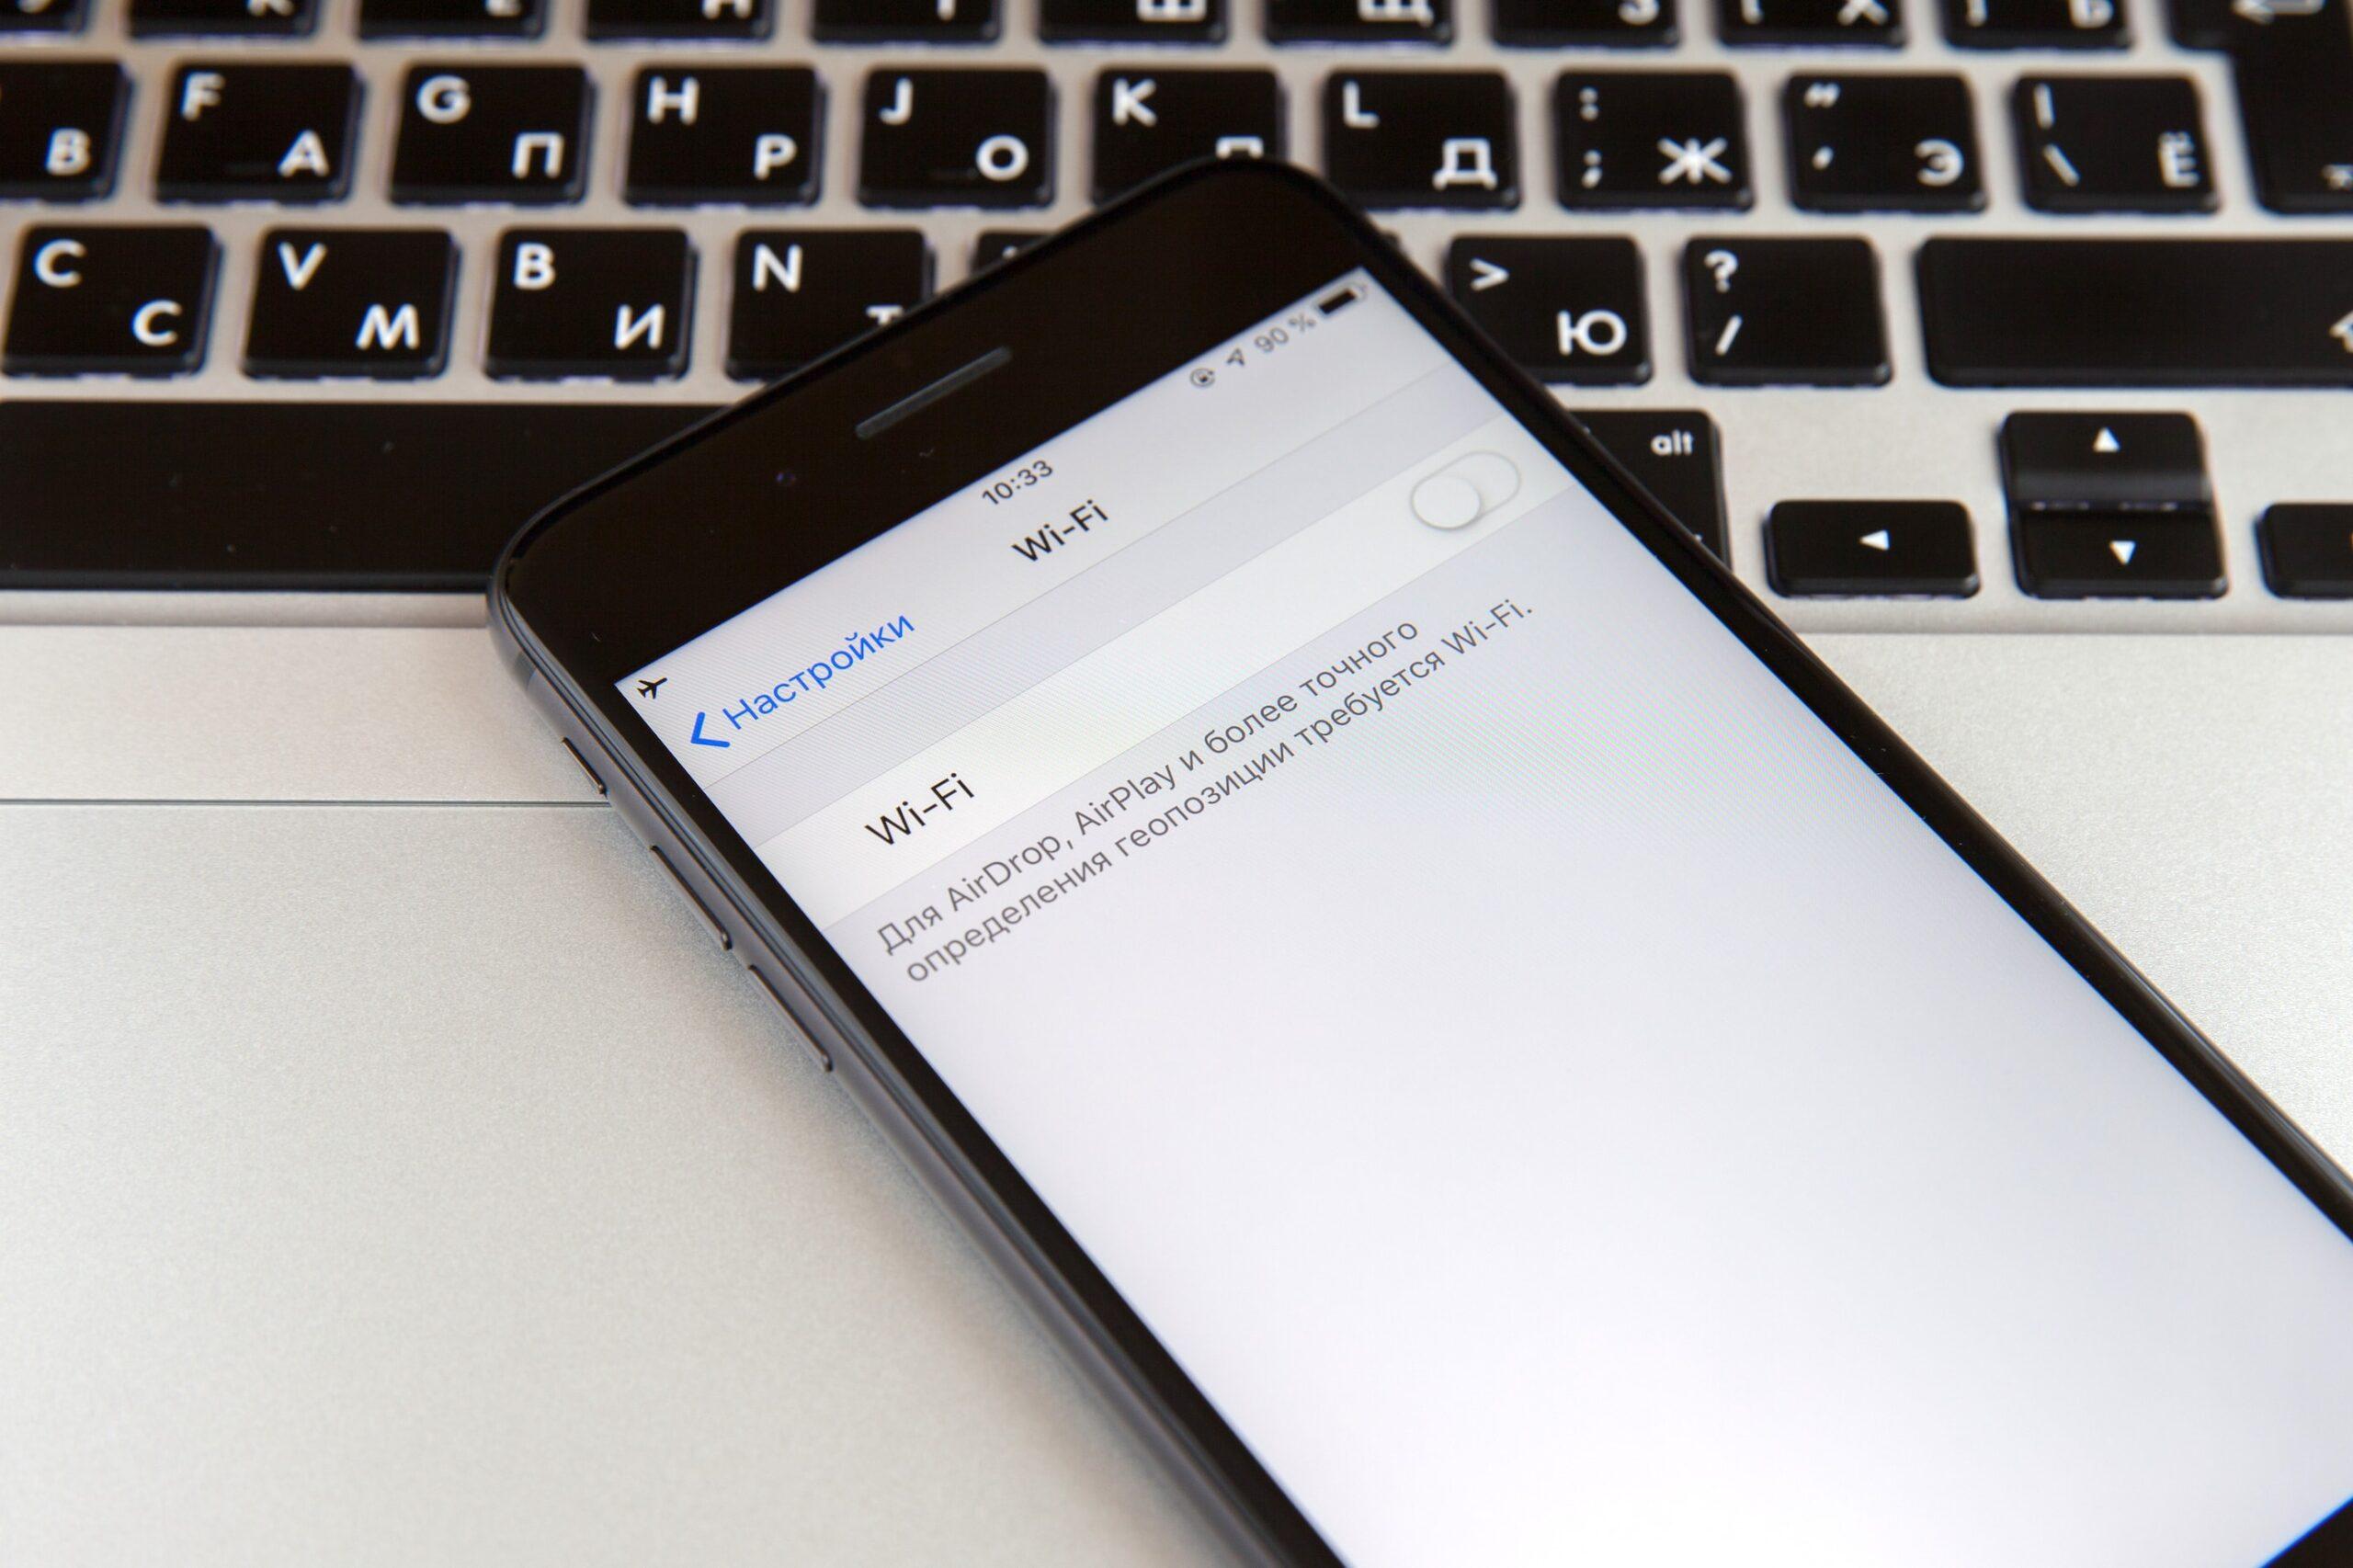 iPhone com Ajustes abertos no Wi-Fi em cima de um MacBook Pro